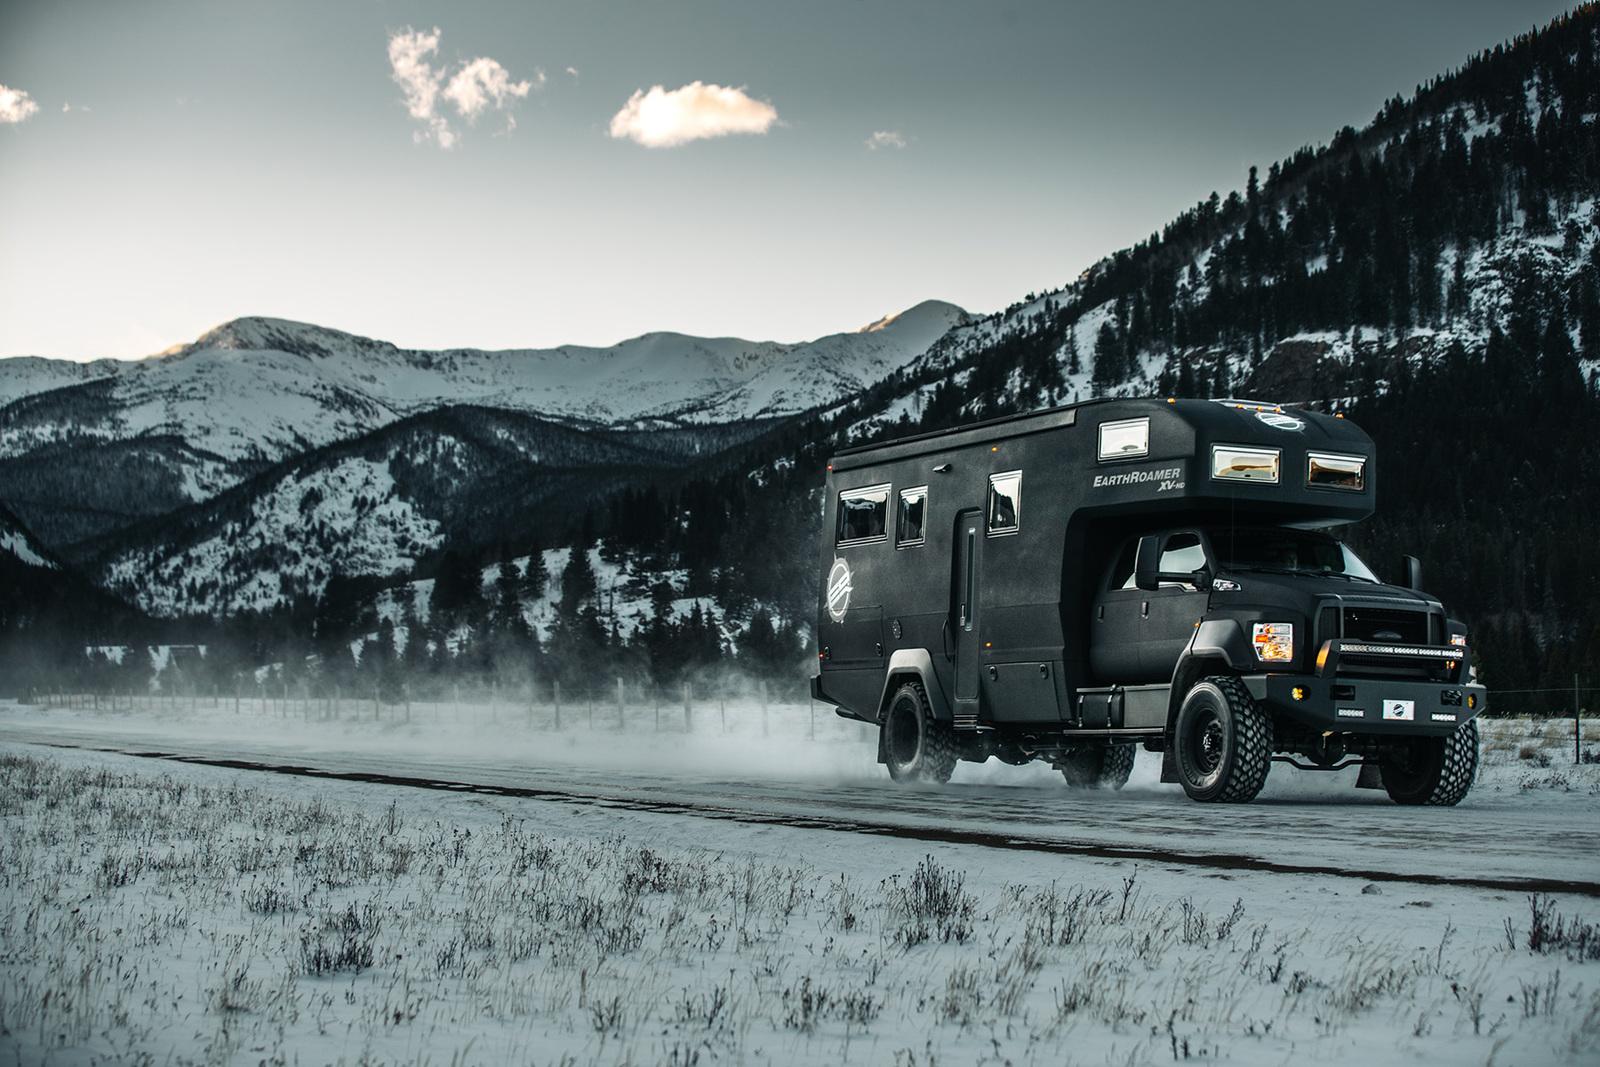 EarthRoamer-XV-HD-Mountain-Teaser-LowRes-DrewMartin_005Resized.jpg